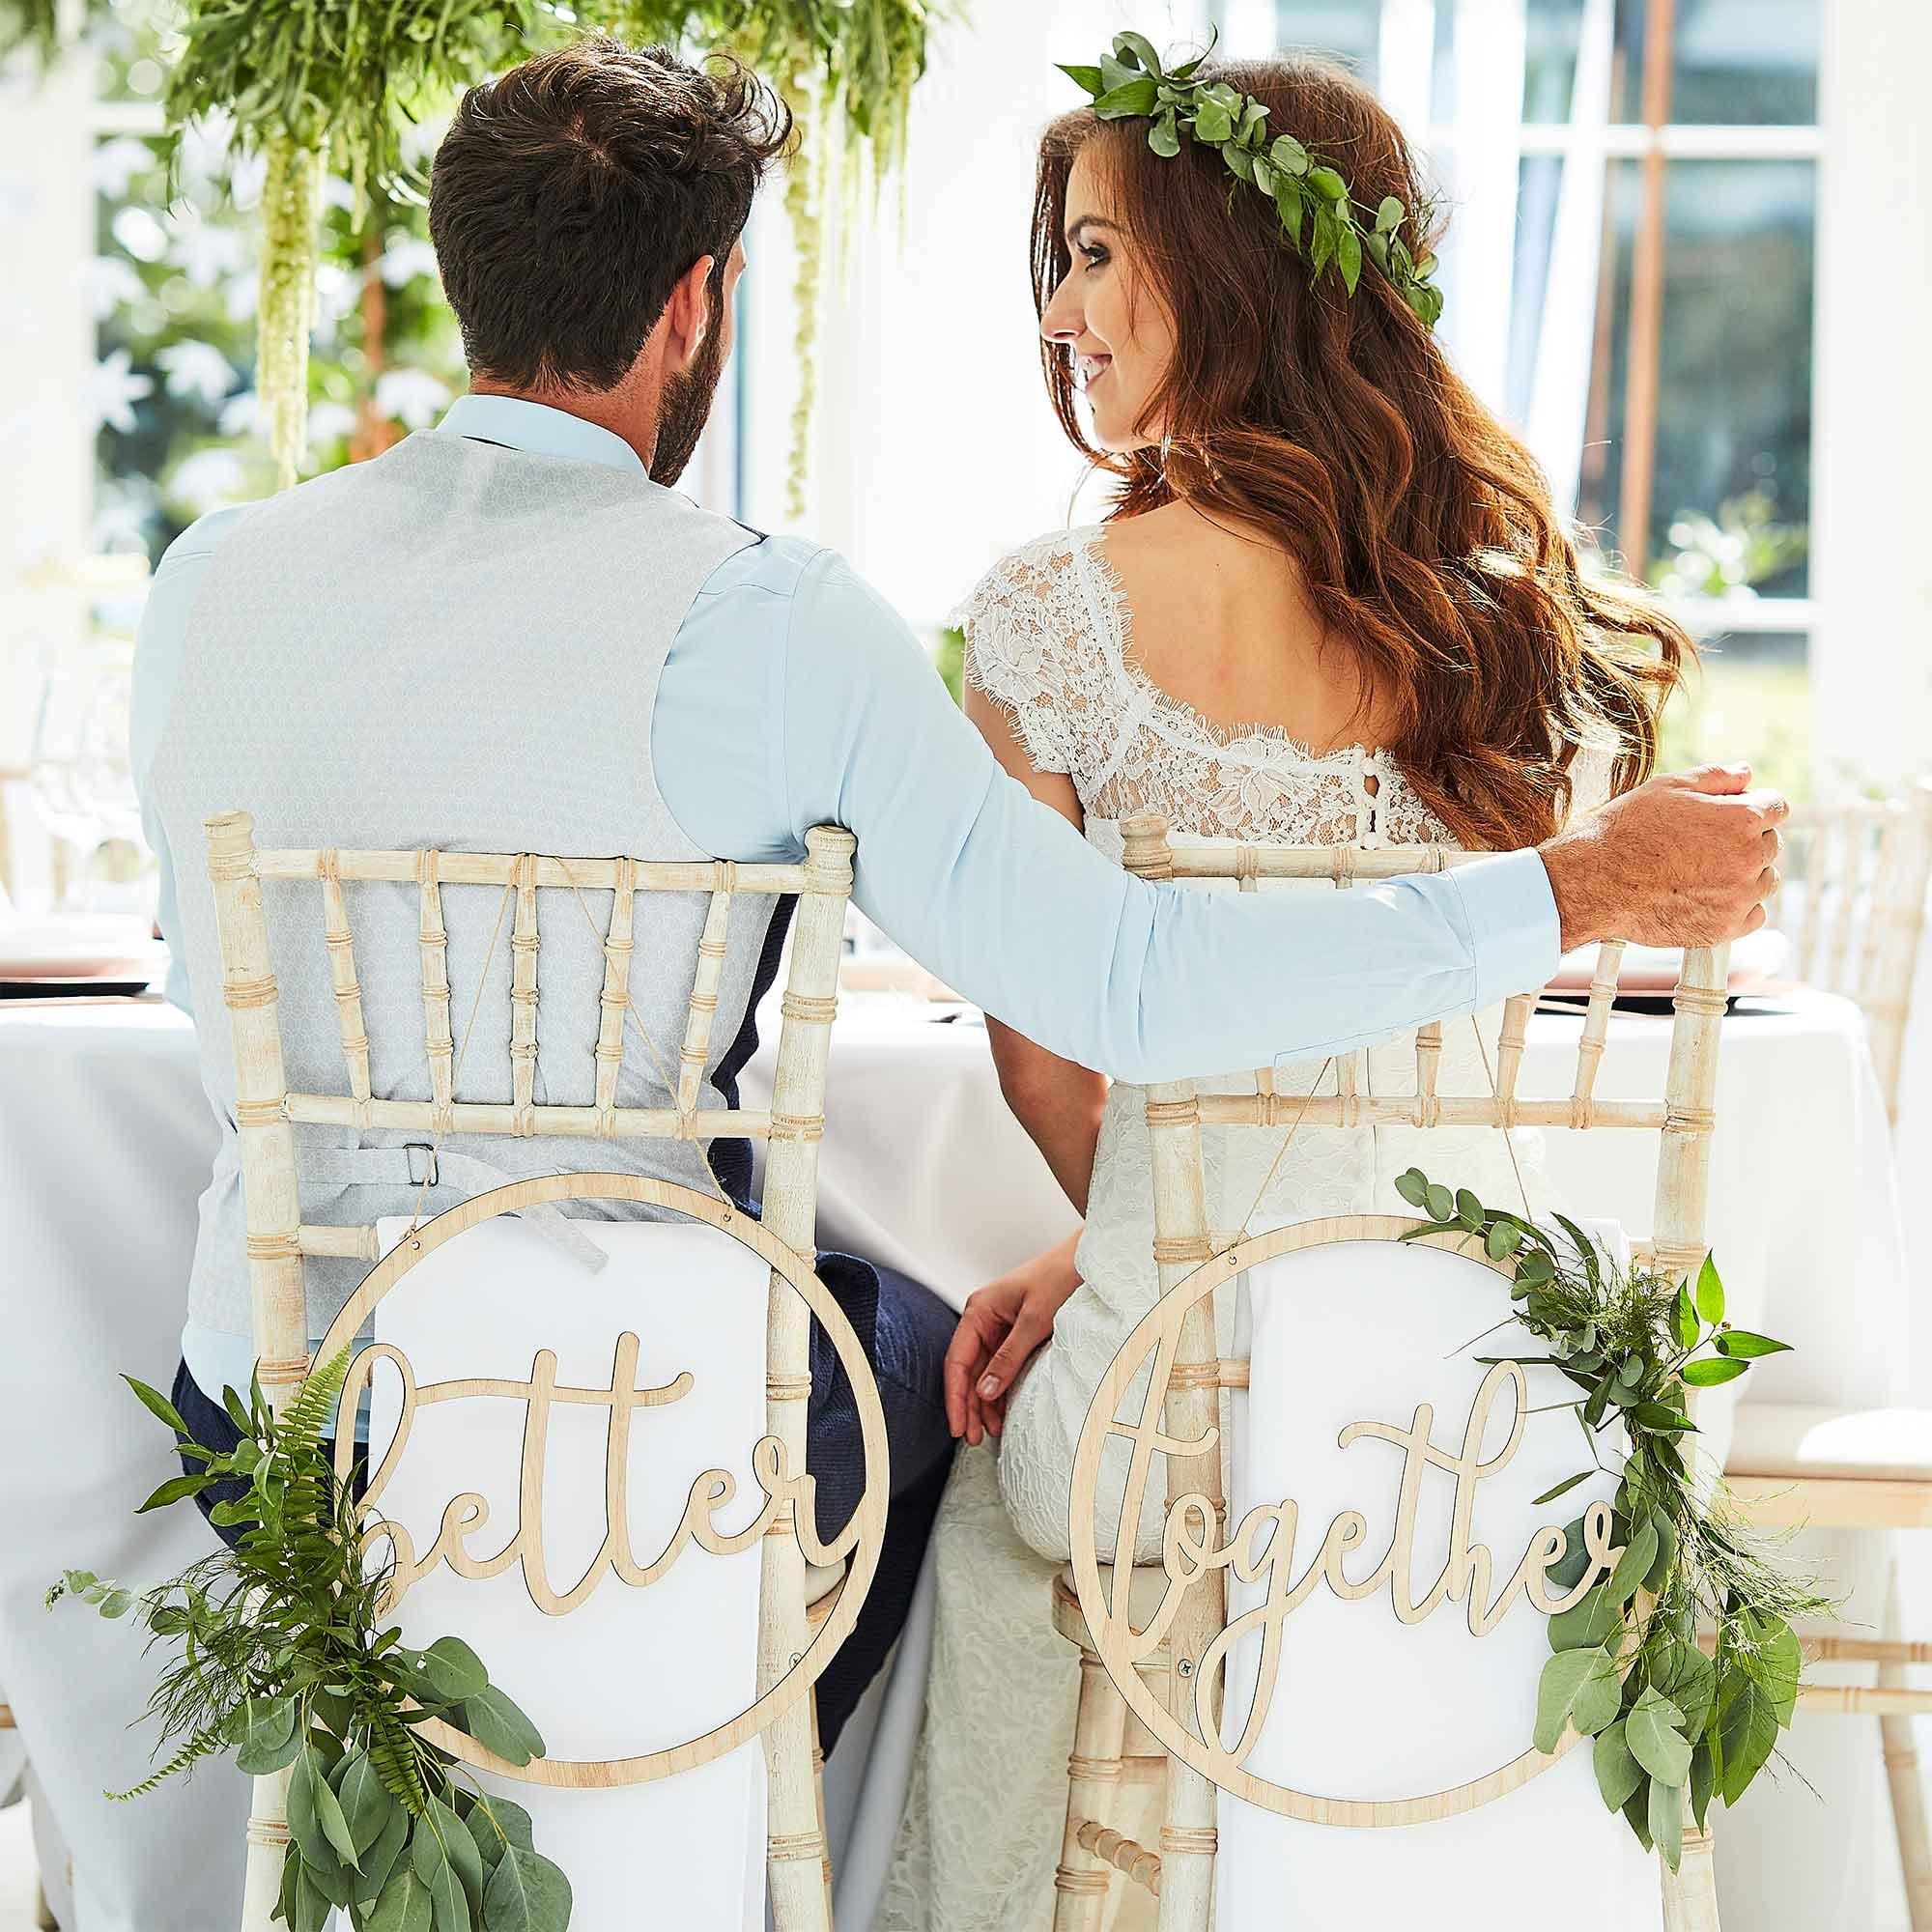 Botanical Wedding Wooden 'Better Together' Wooden Hoops